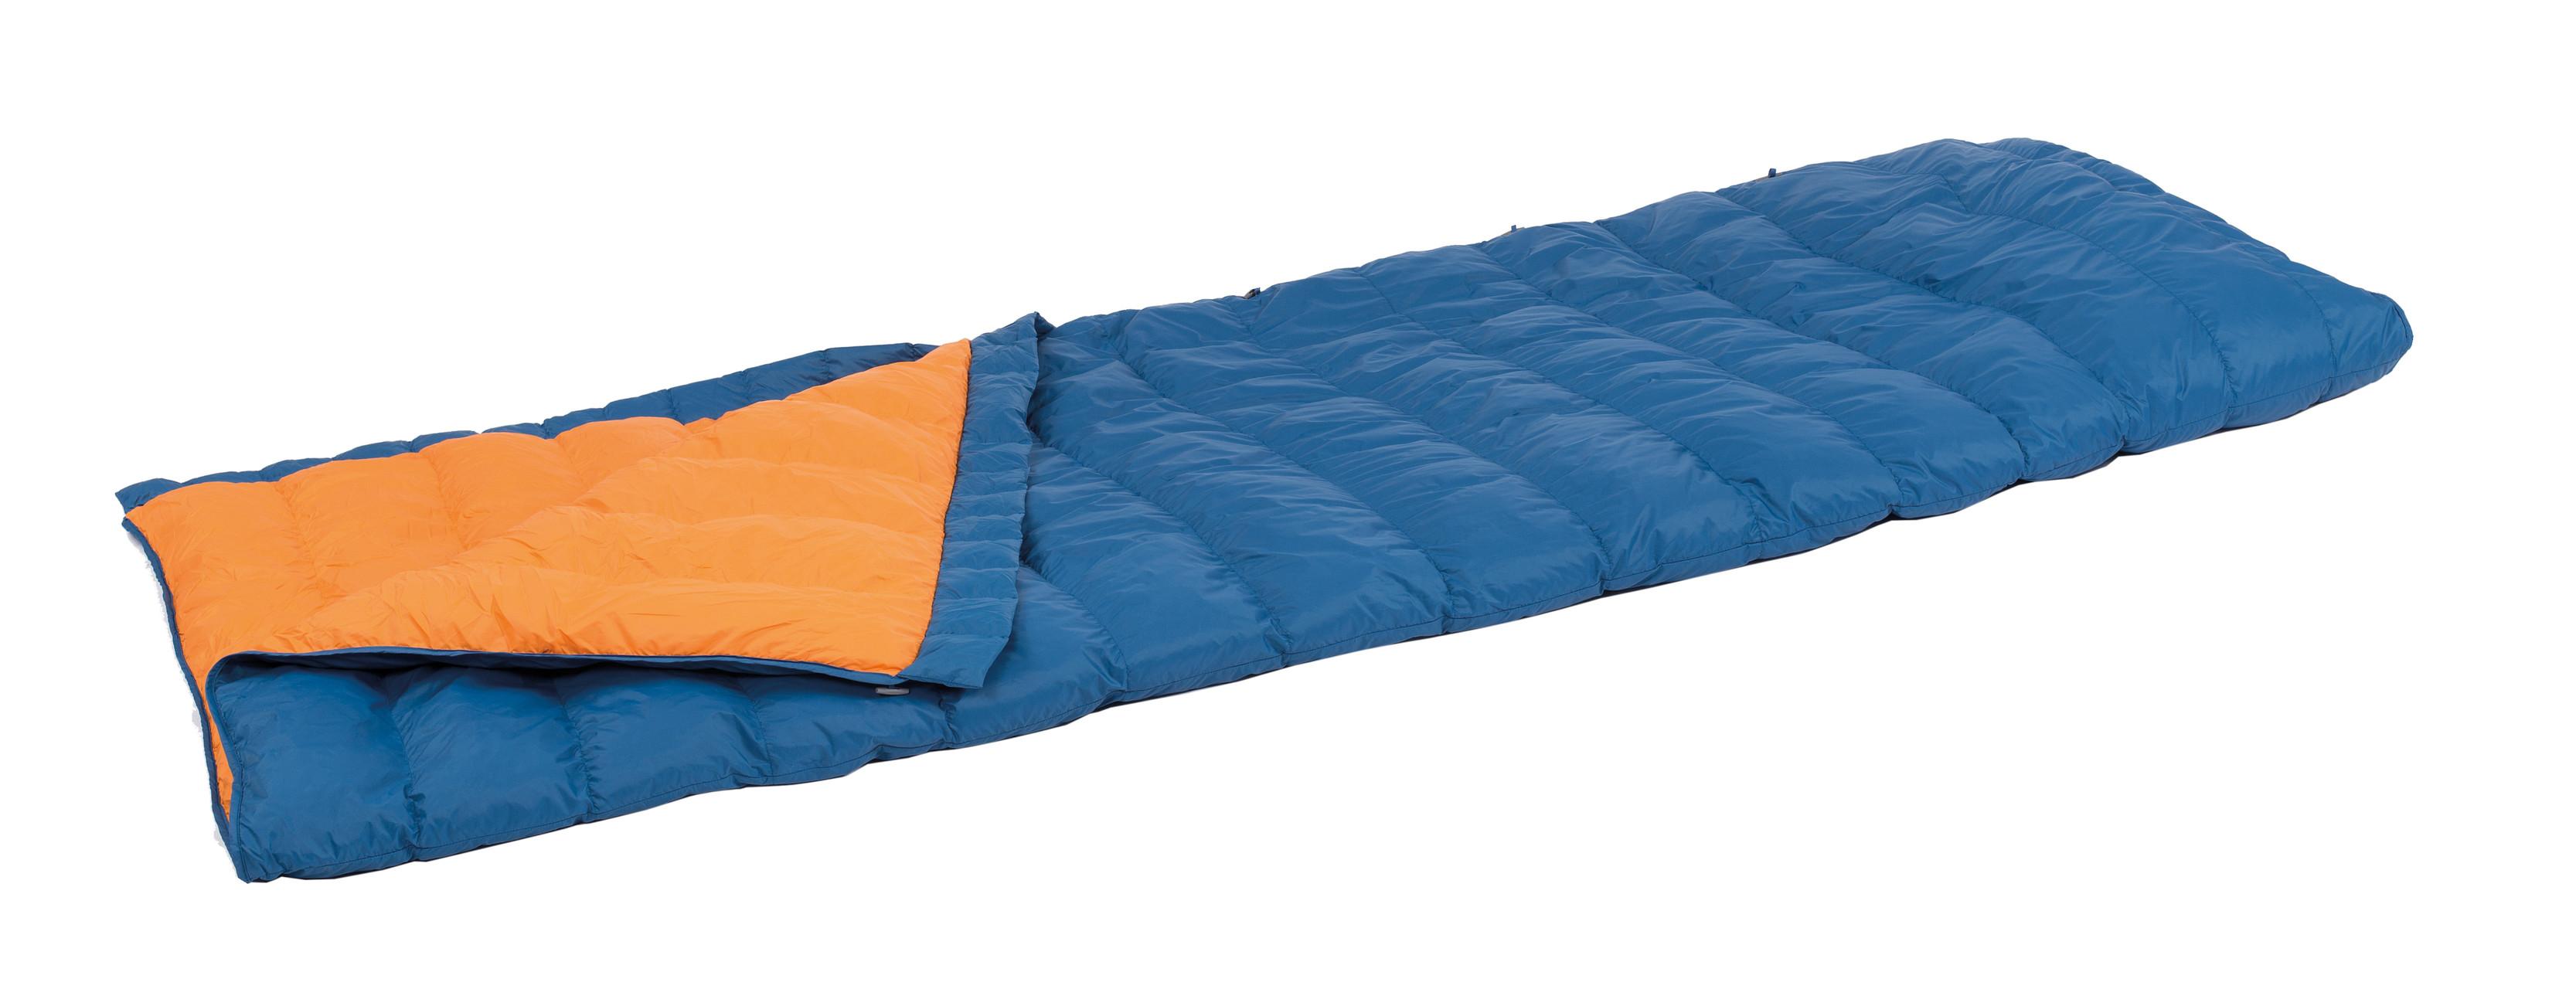 Decken / Schlafsackdecken